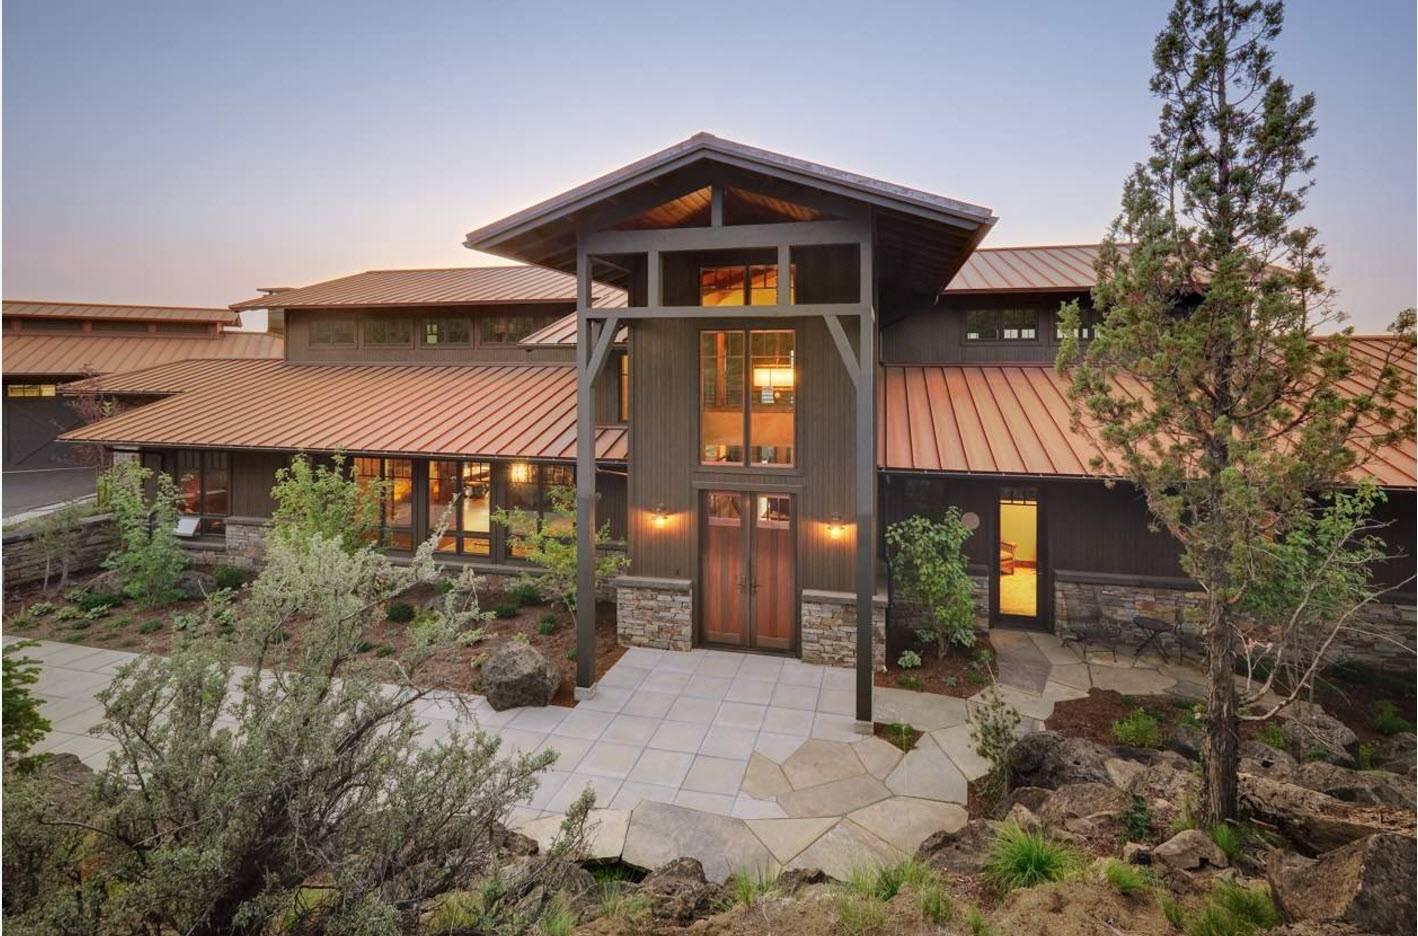 Крыши мансарды частных домов - возможные проекты, типы и варианты, фотографии и видео